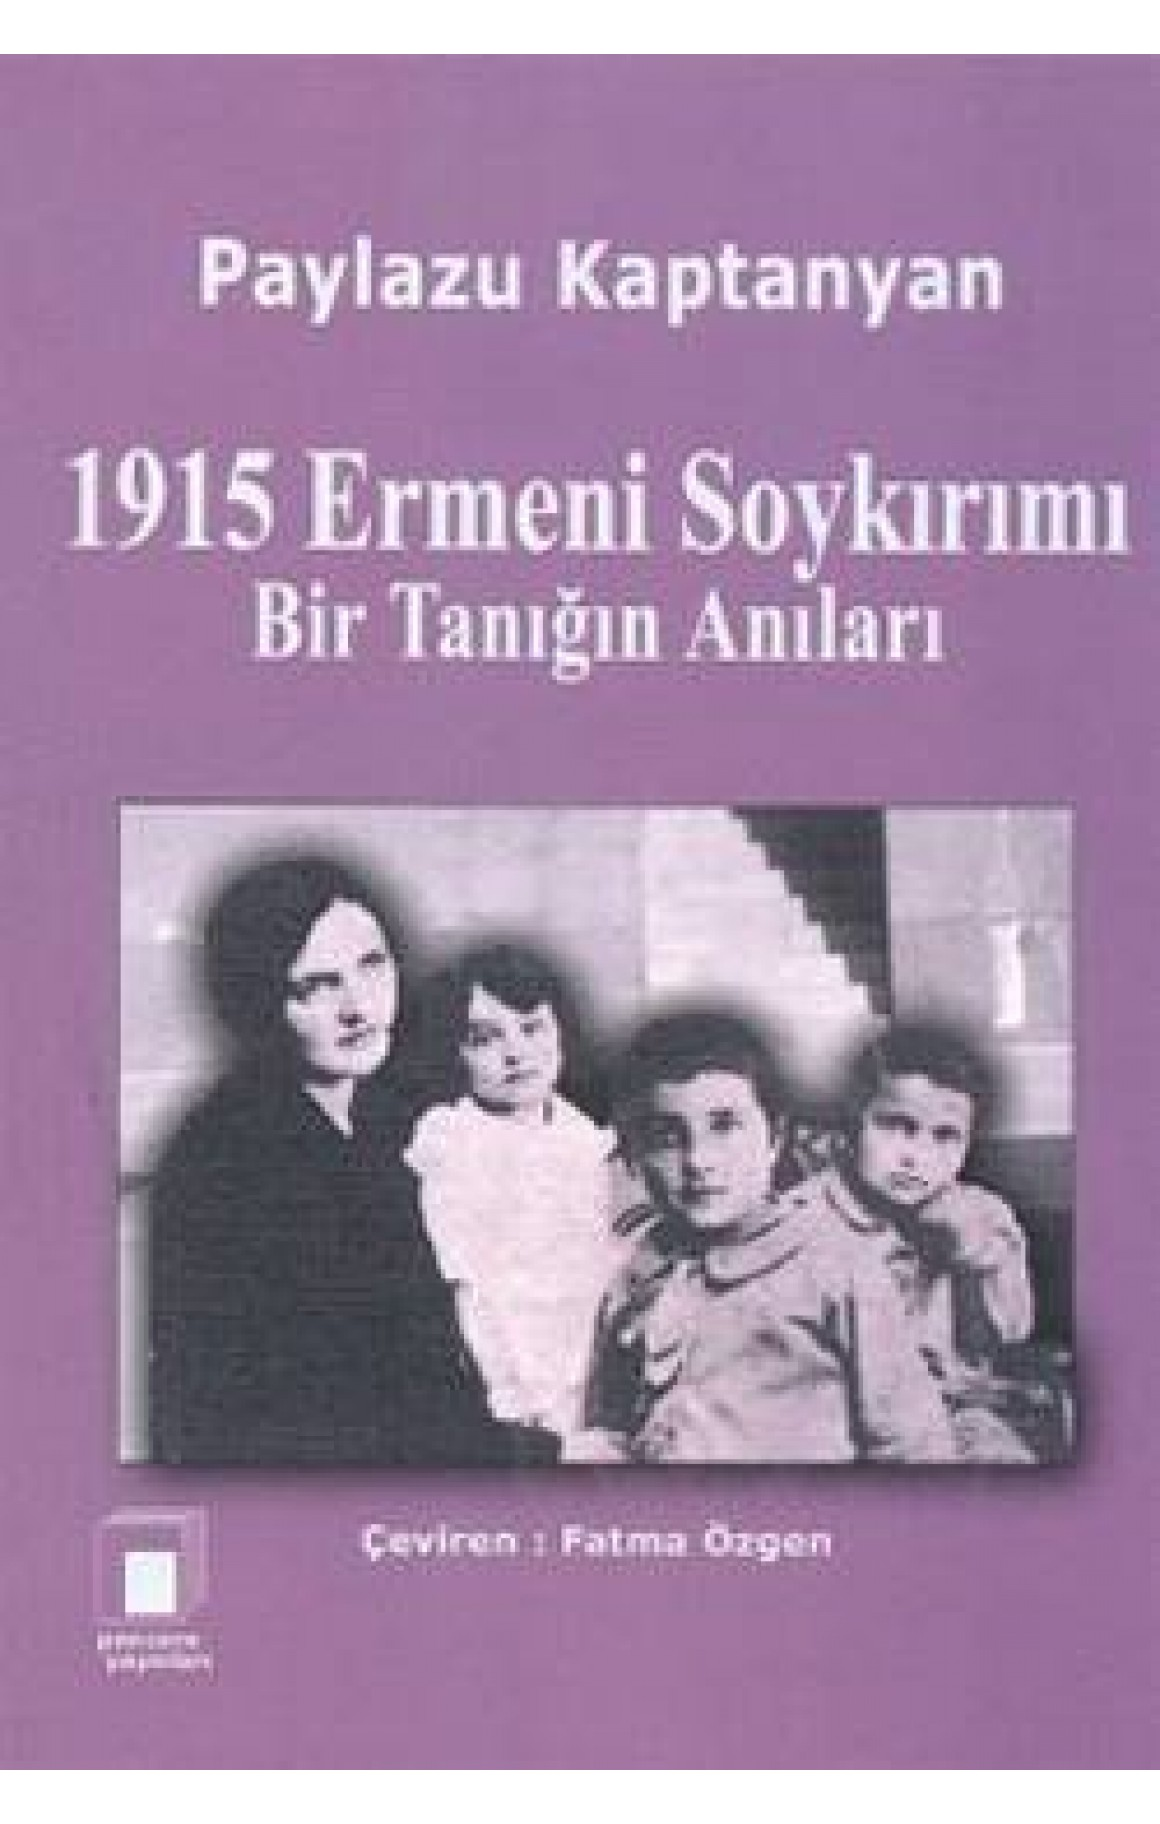 1915 Ermeni Soykırımı Bir Tanığın Anıları